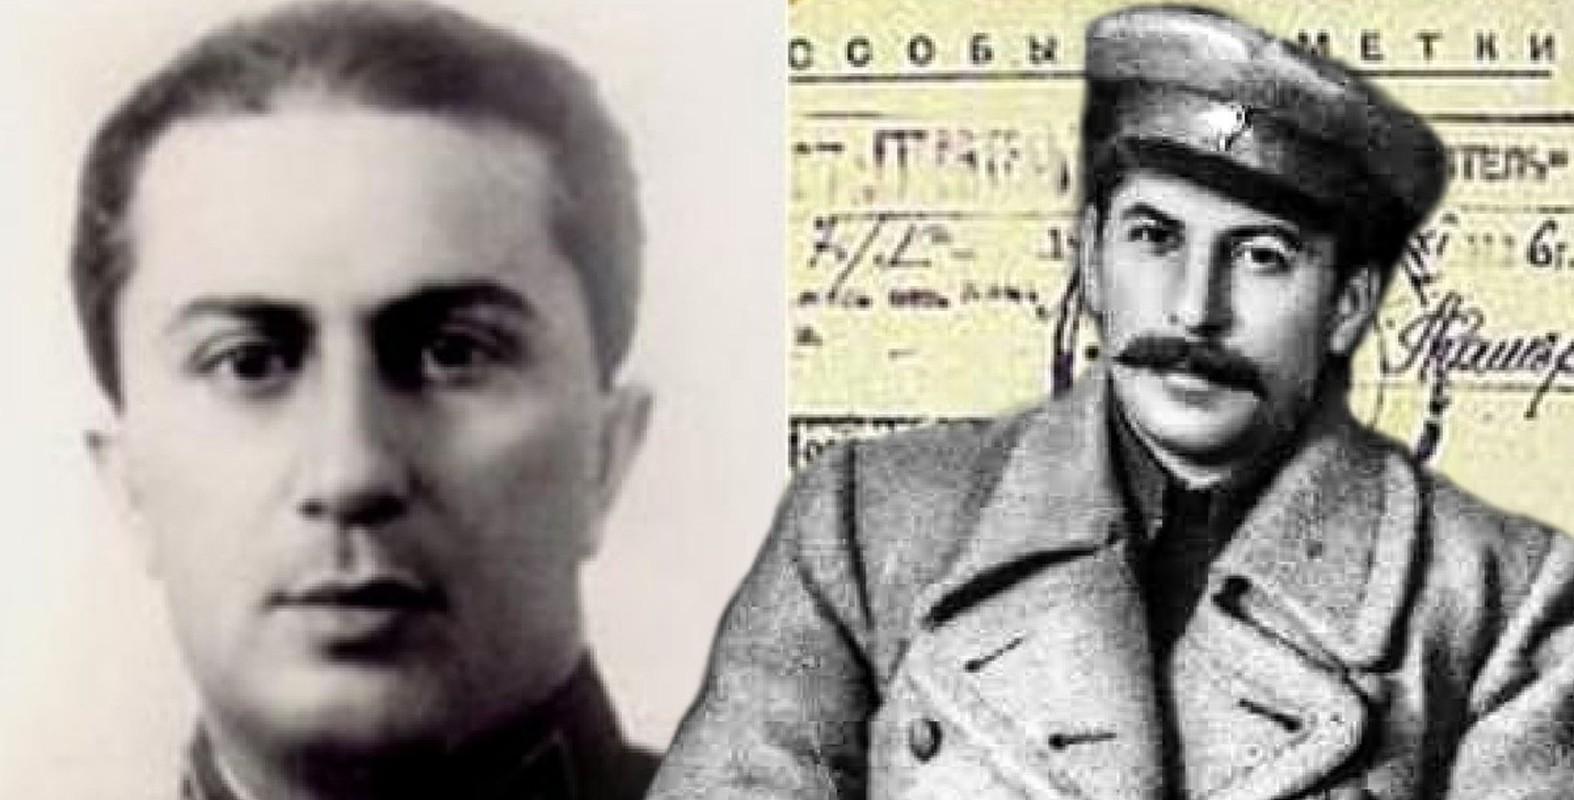 Hitler ngang nguoc bat coc con trai ca cua nha lanh dao Stalin?